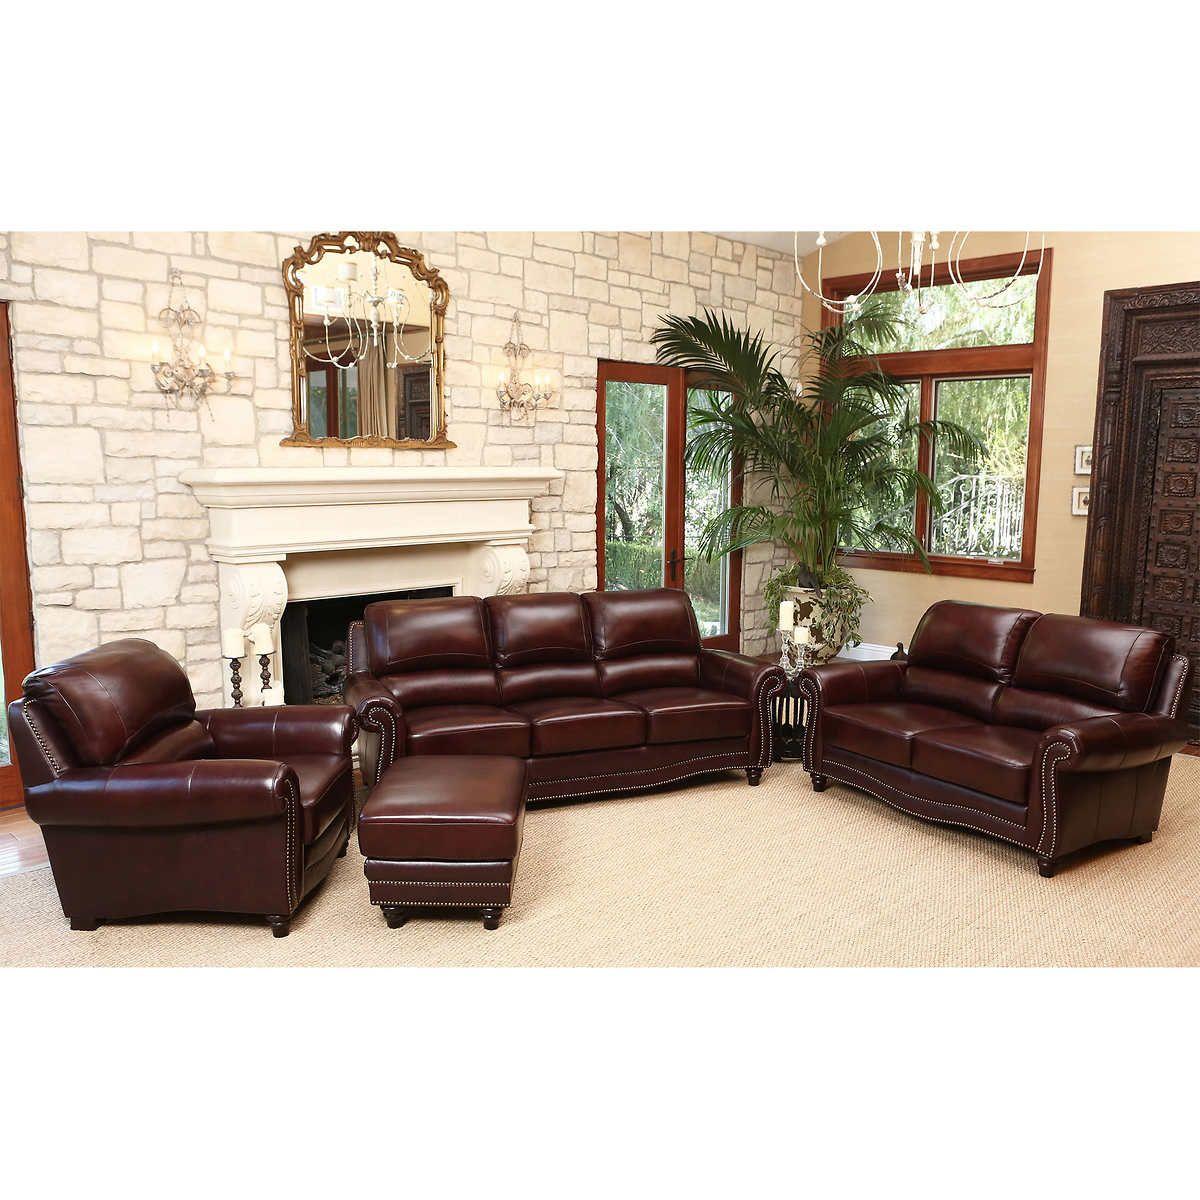 Pin by Karen Klingler on Home Leather living room set